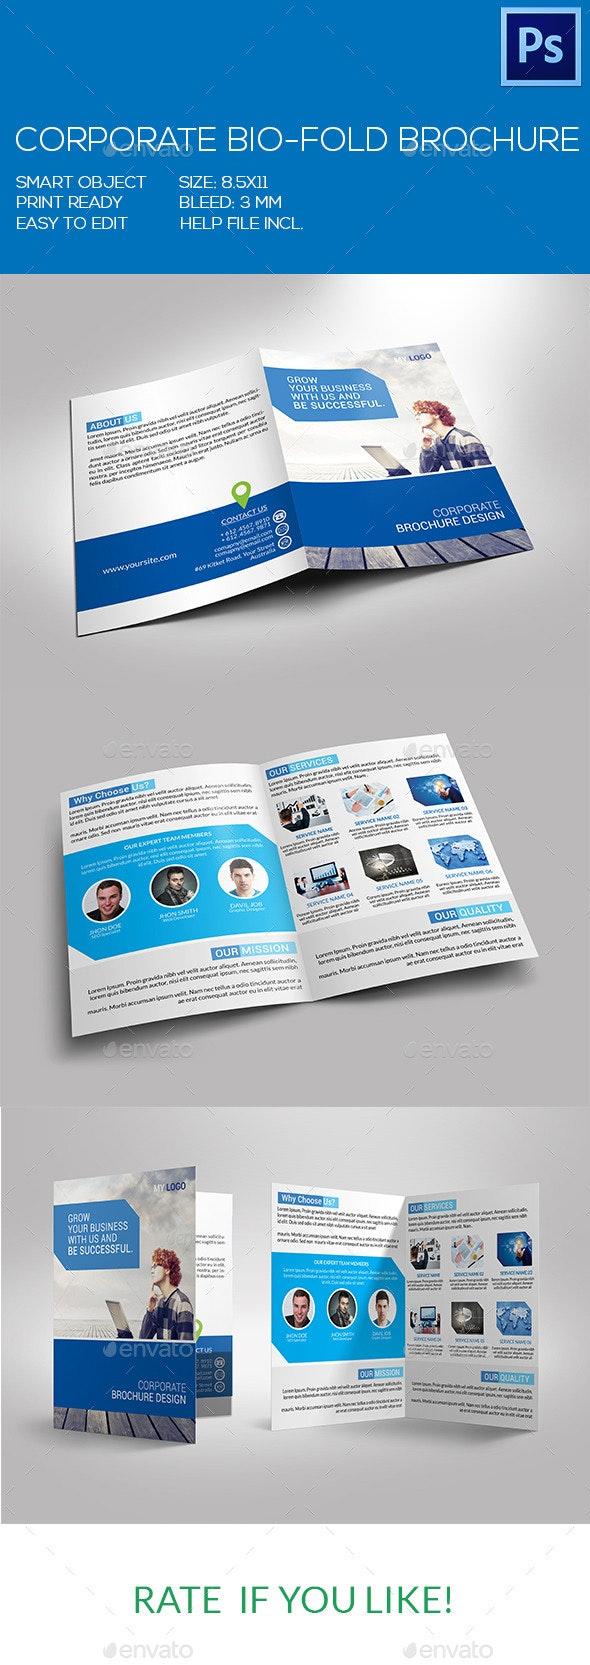 Corporate Bio-Fold Brochure - Corporate Brochures